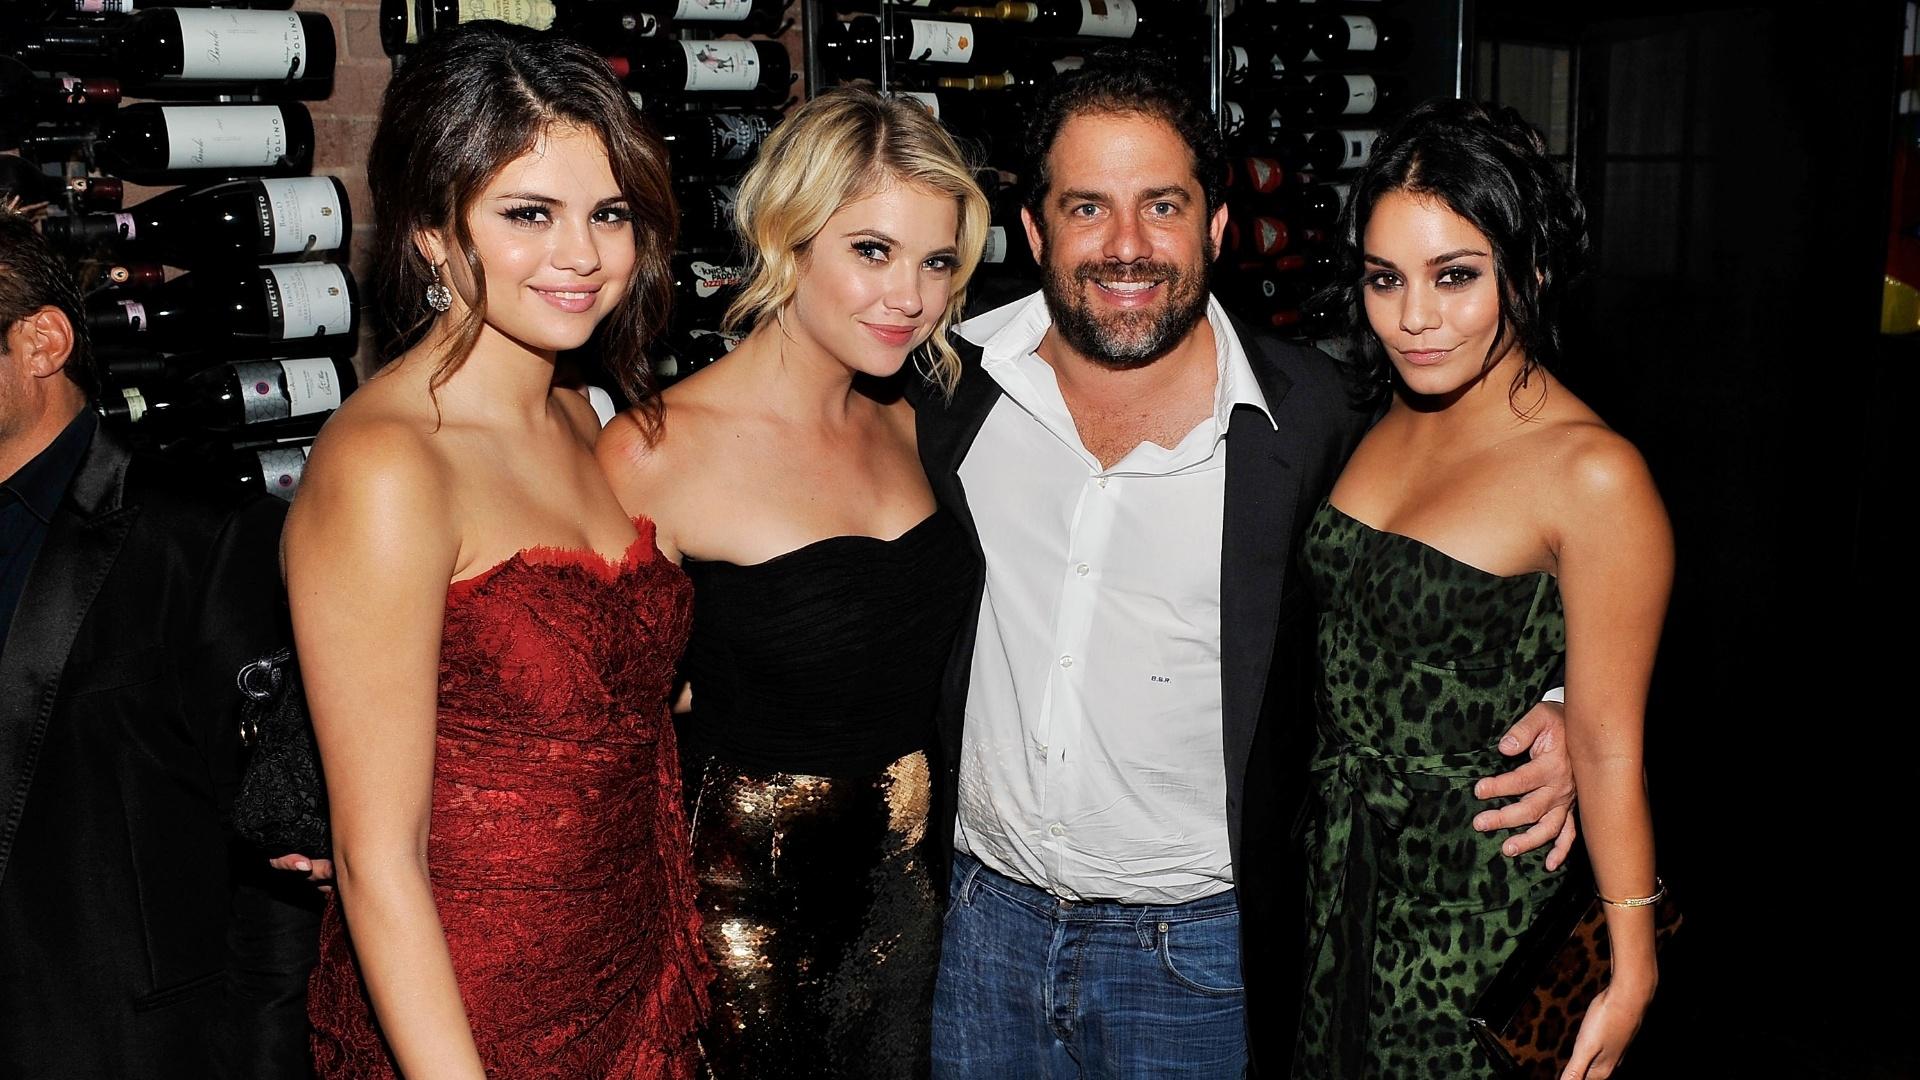 As atrizes Selena Gomez, Ashley Benson e Vanessa Hudgens (da esq para dir) abraçam o diretor Brett Ratner durante um jantar de comemoração do filme